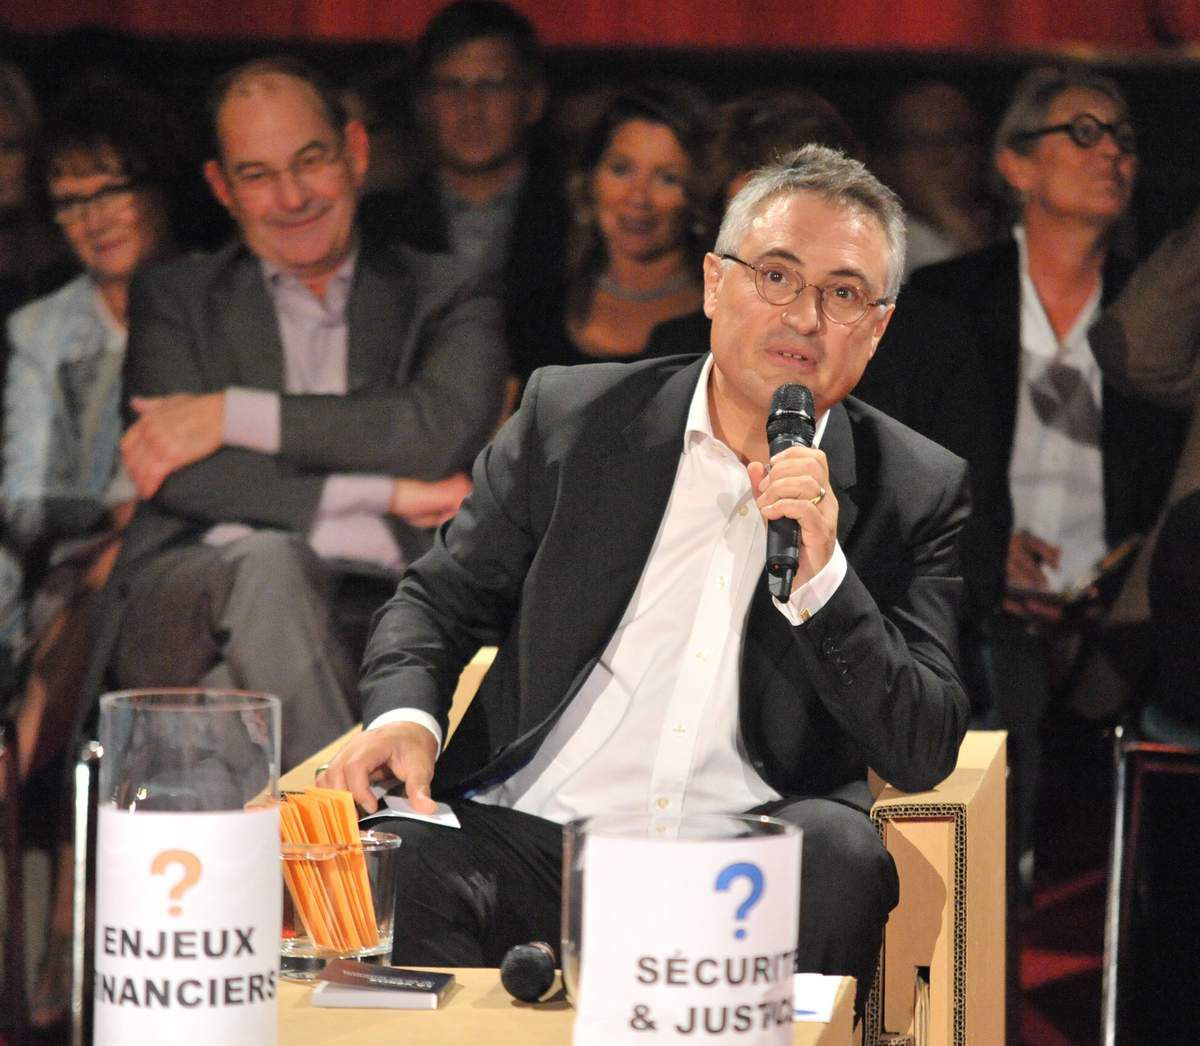 présentation par Emmanuel GILLES de la LONDE du déroulé du débat et des thèmes retenus : croissance, finances et sécurité